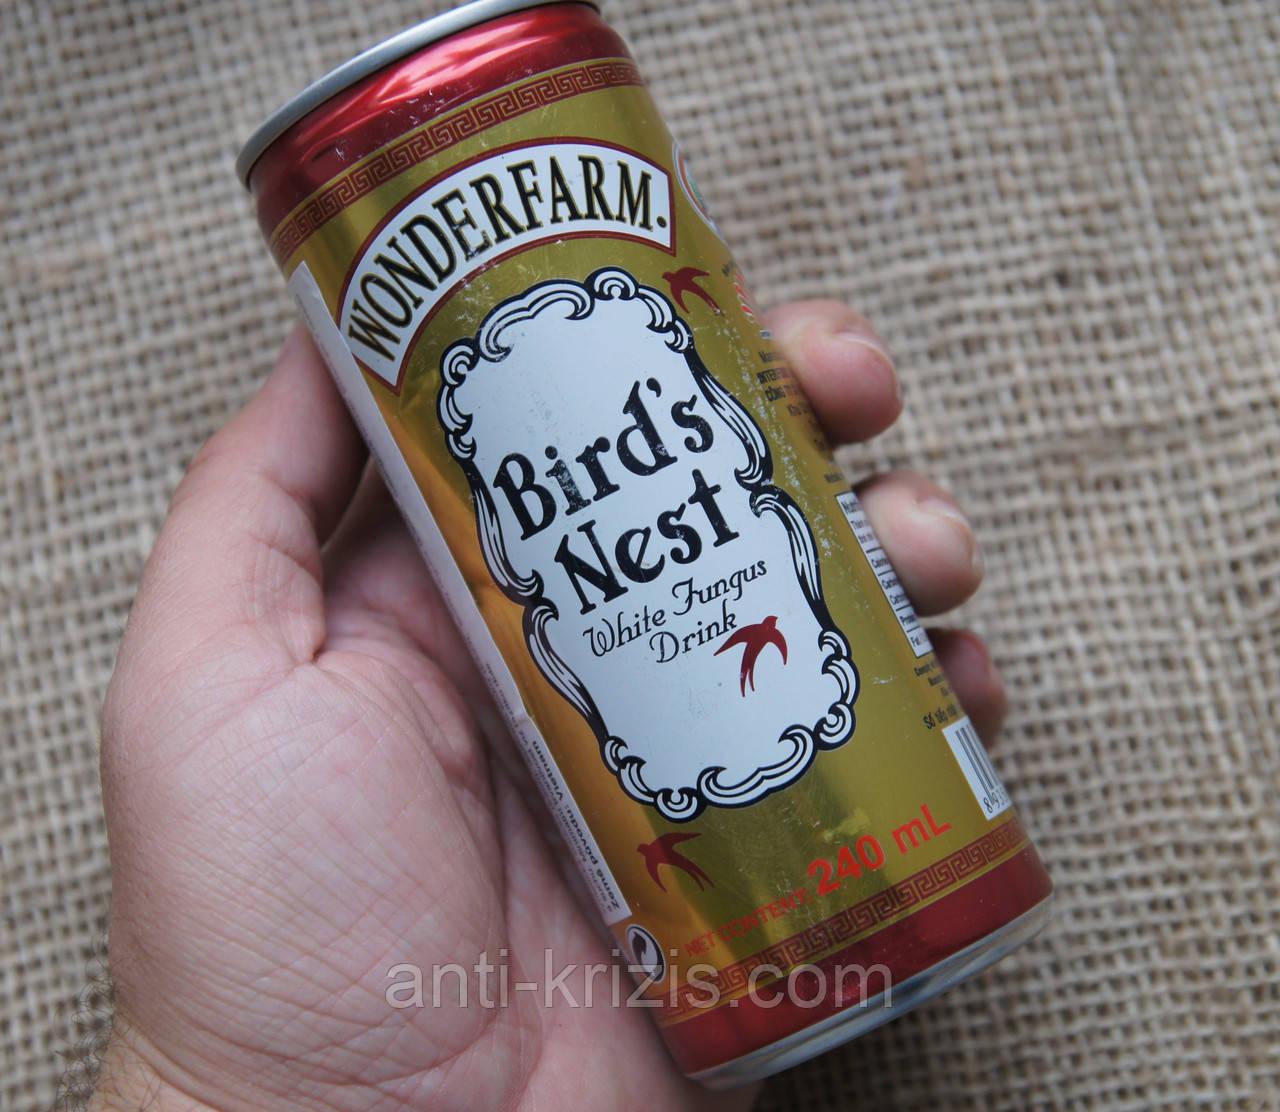 Bird's Nest-тонизирующий напиток из ласточкиных гнёзд с добавлением White Fungus - фото 1